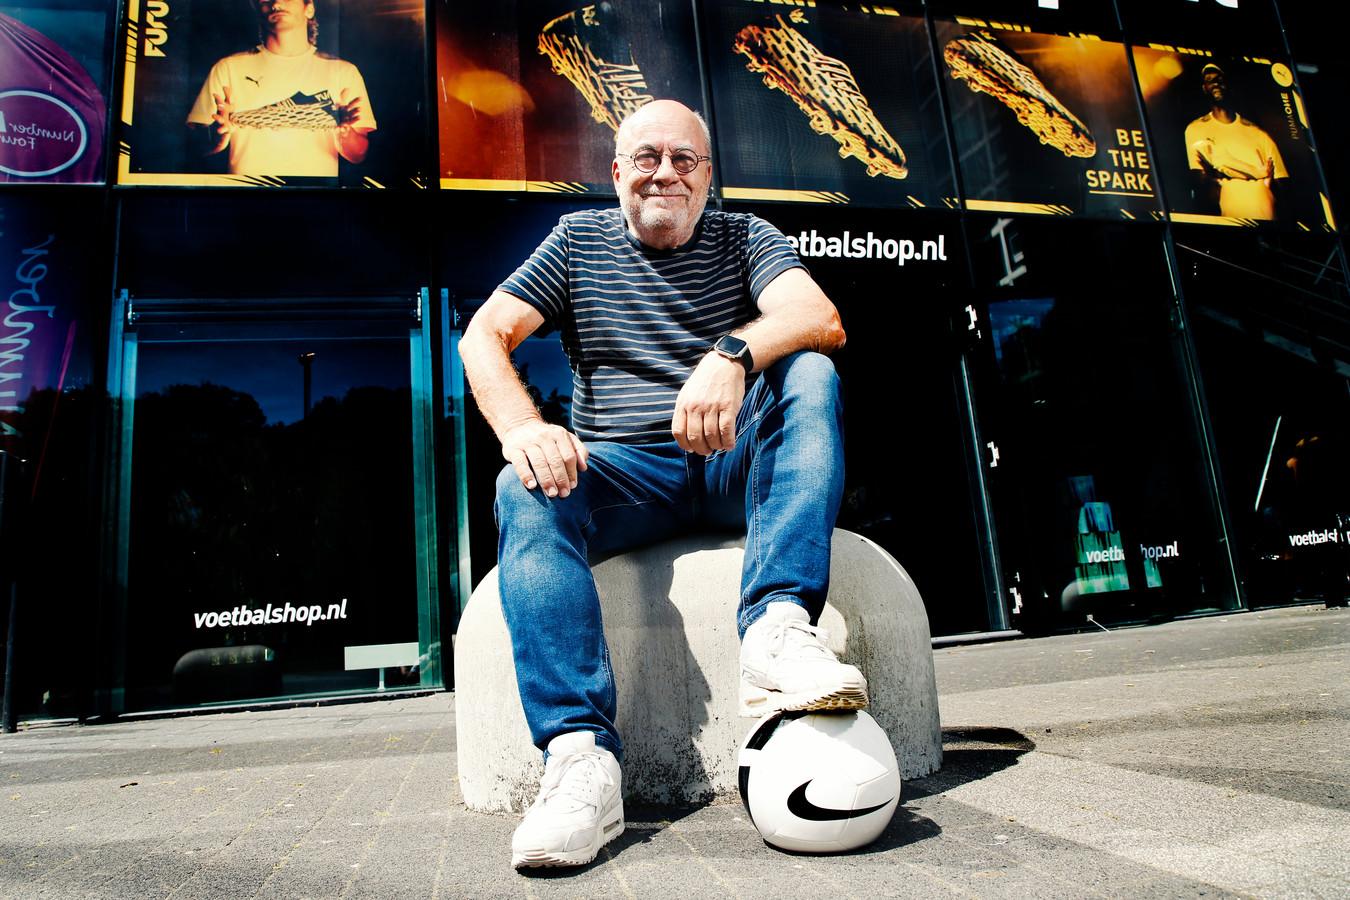 Oprichter Roland Heerkens van Voetbalshop.nl in de winkel in Utrecht. Hij wil de keten verder uitbreiden en kijkt daarbij ook naar Rotterdam.